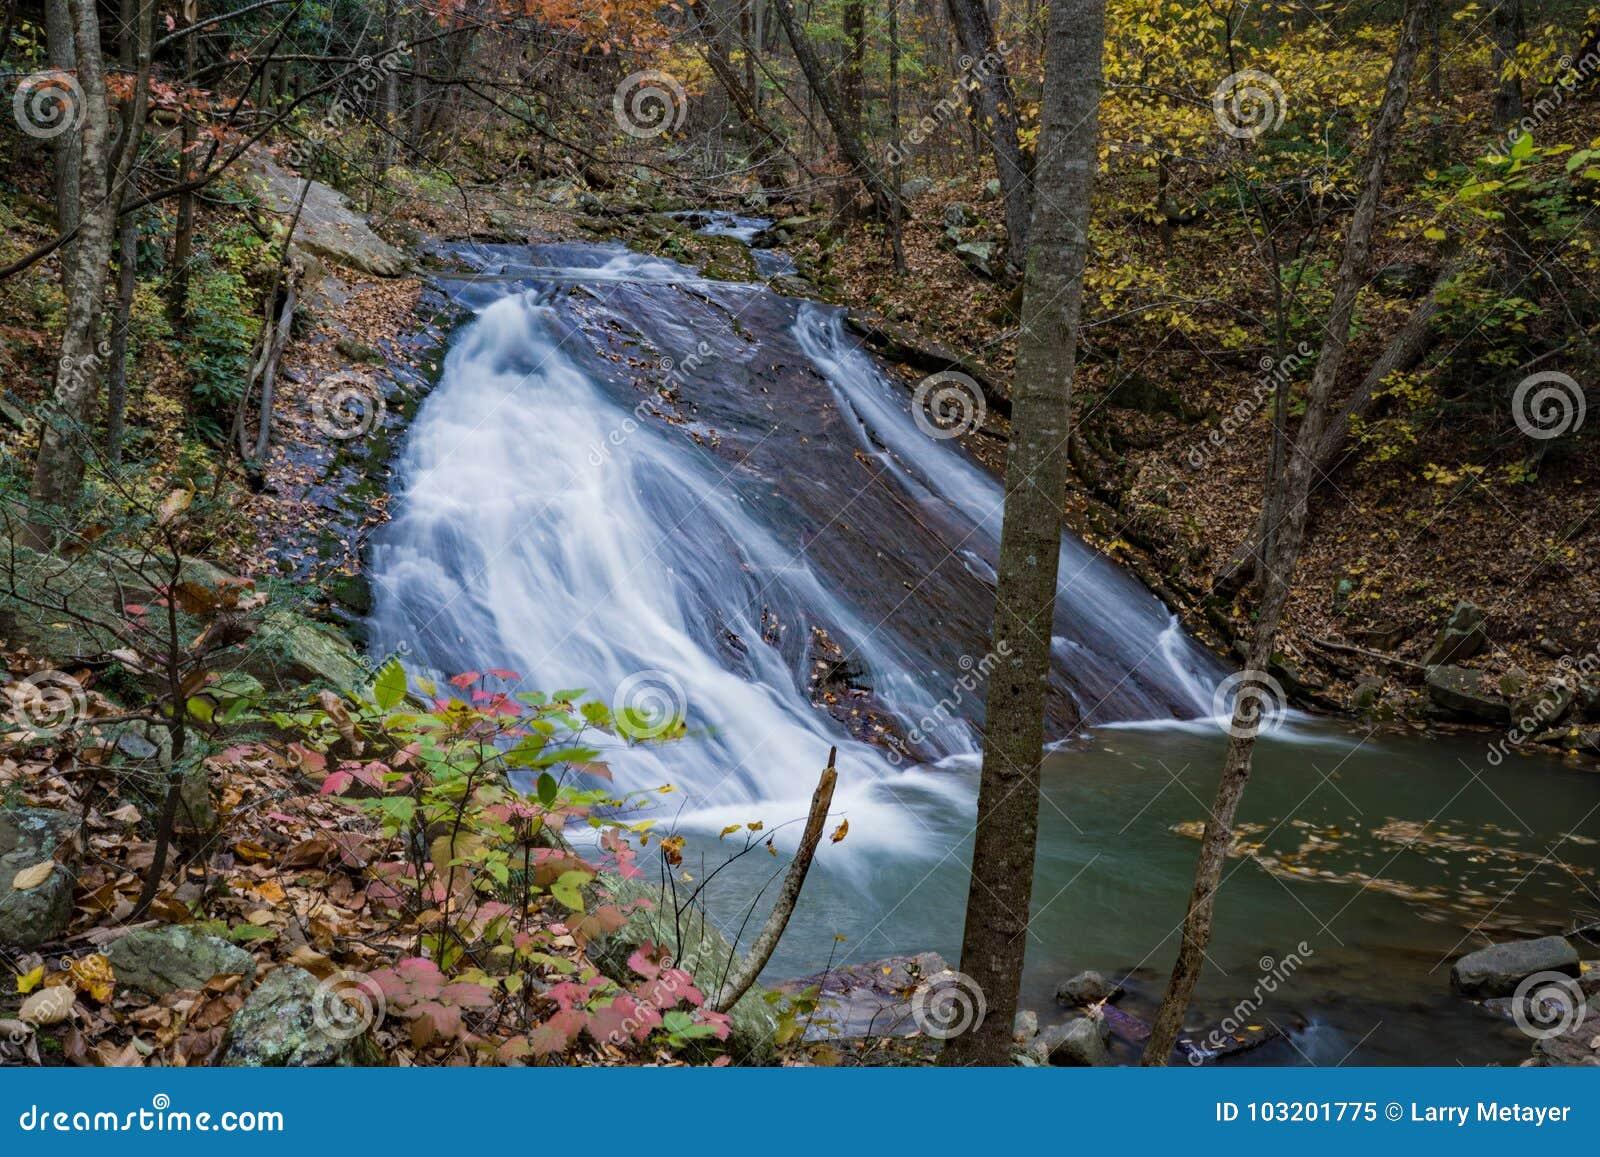 Niedrigere Fälle auf dem Brüllen des Laufnebenflusses, Jefferson National Forest, USA